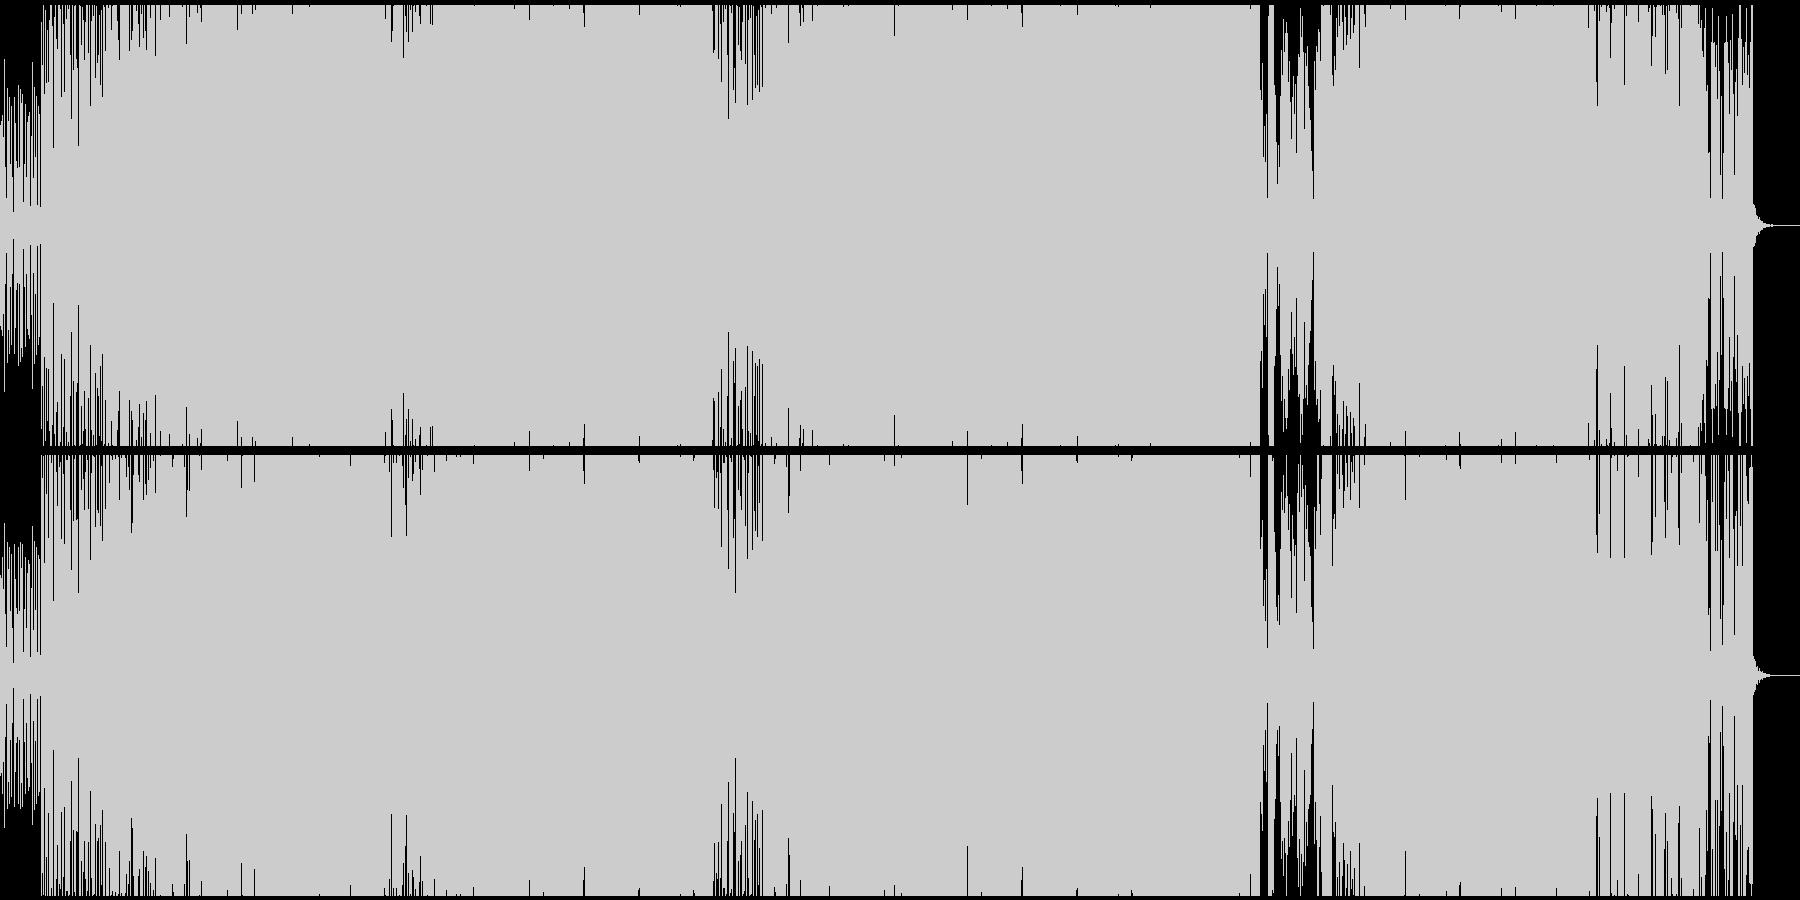 オシャレで近未来的なファンクの未再生の波形